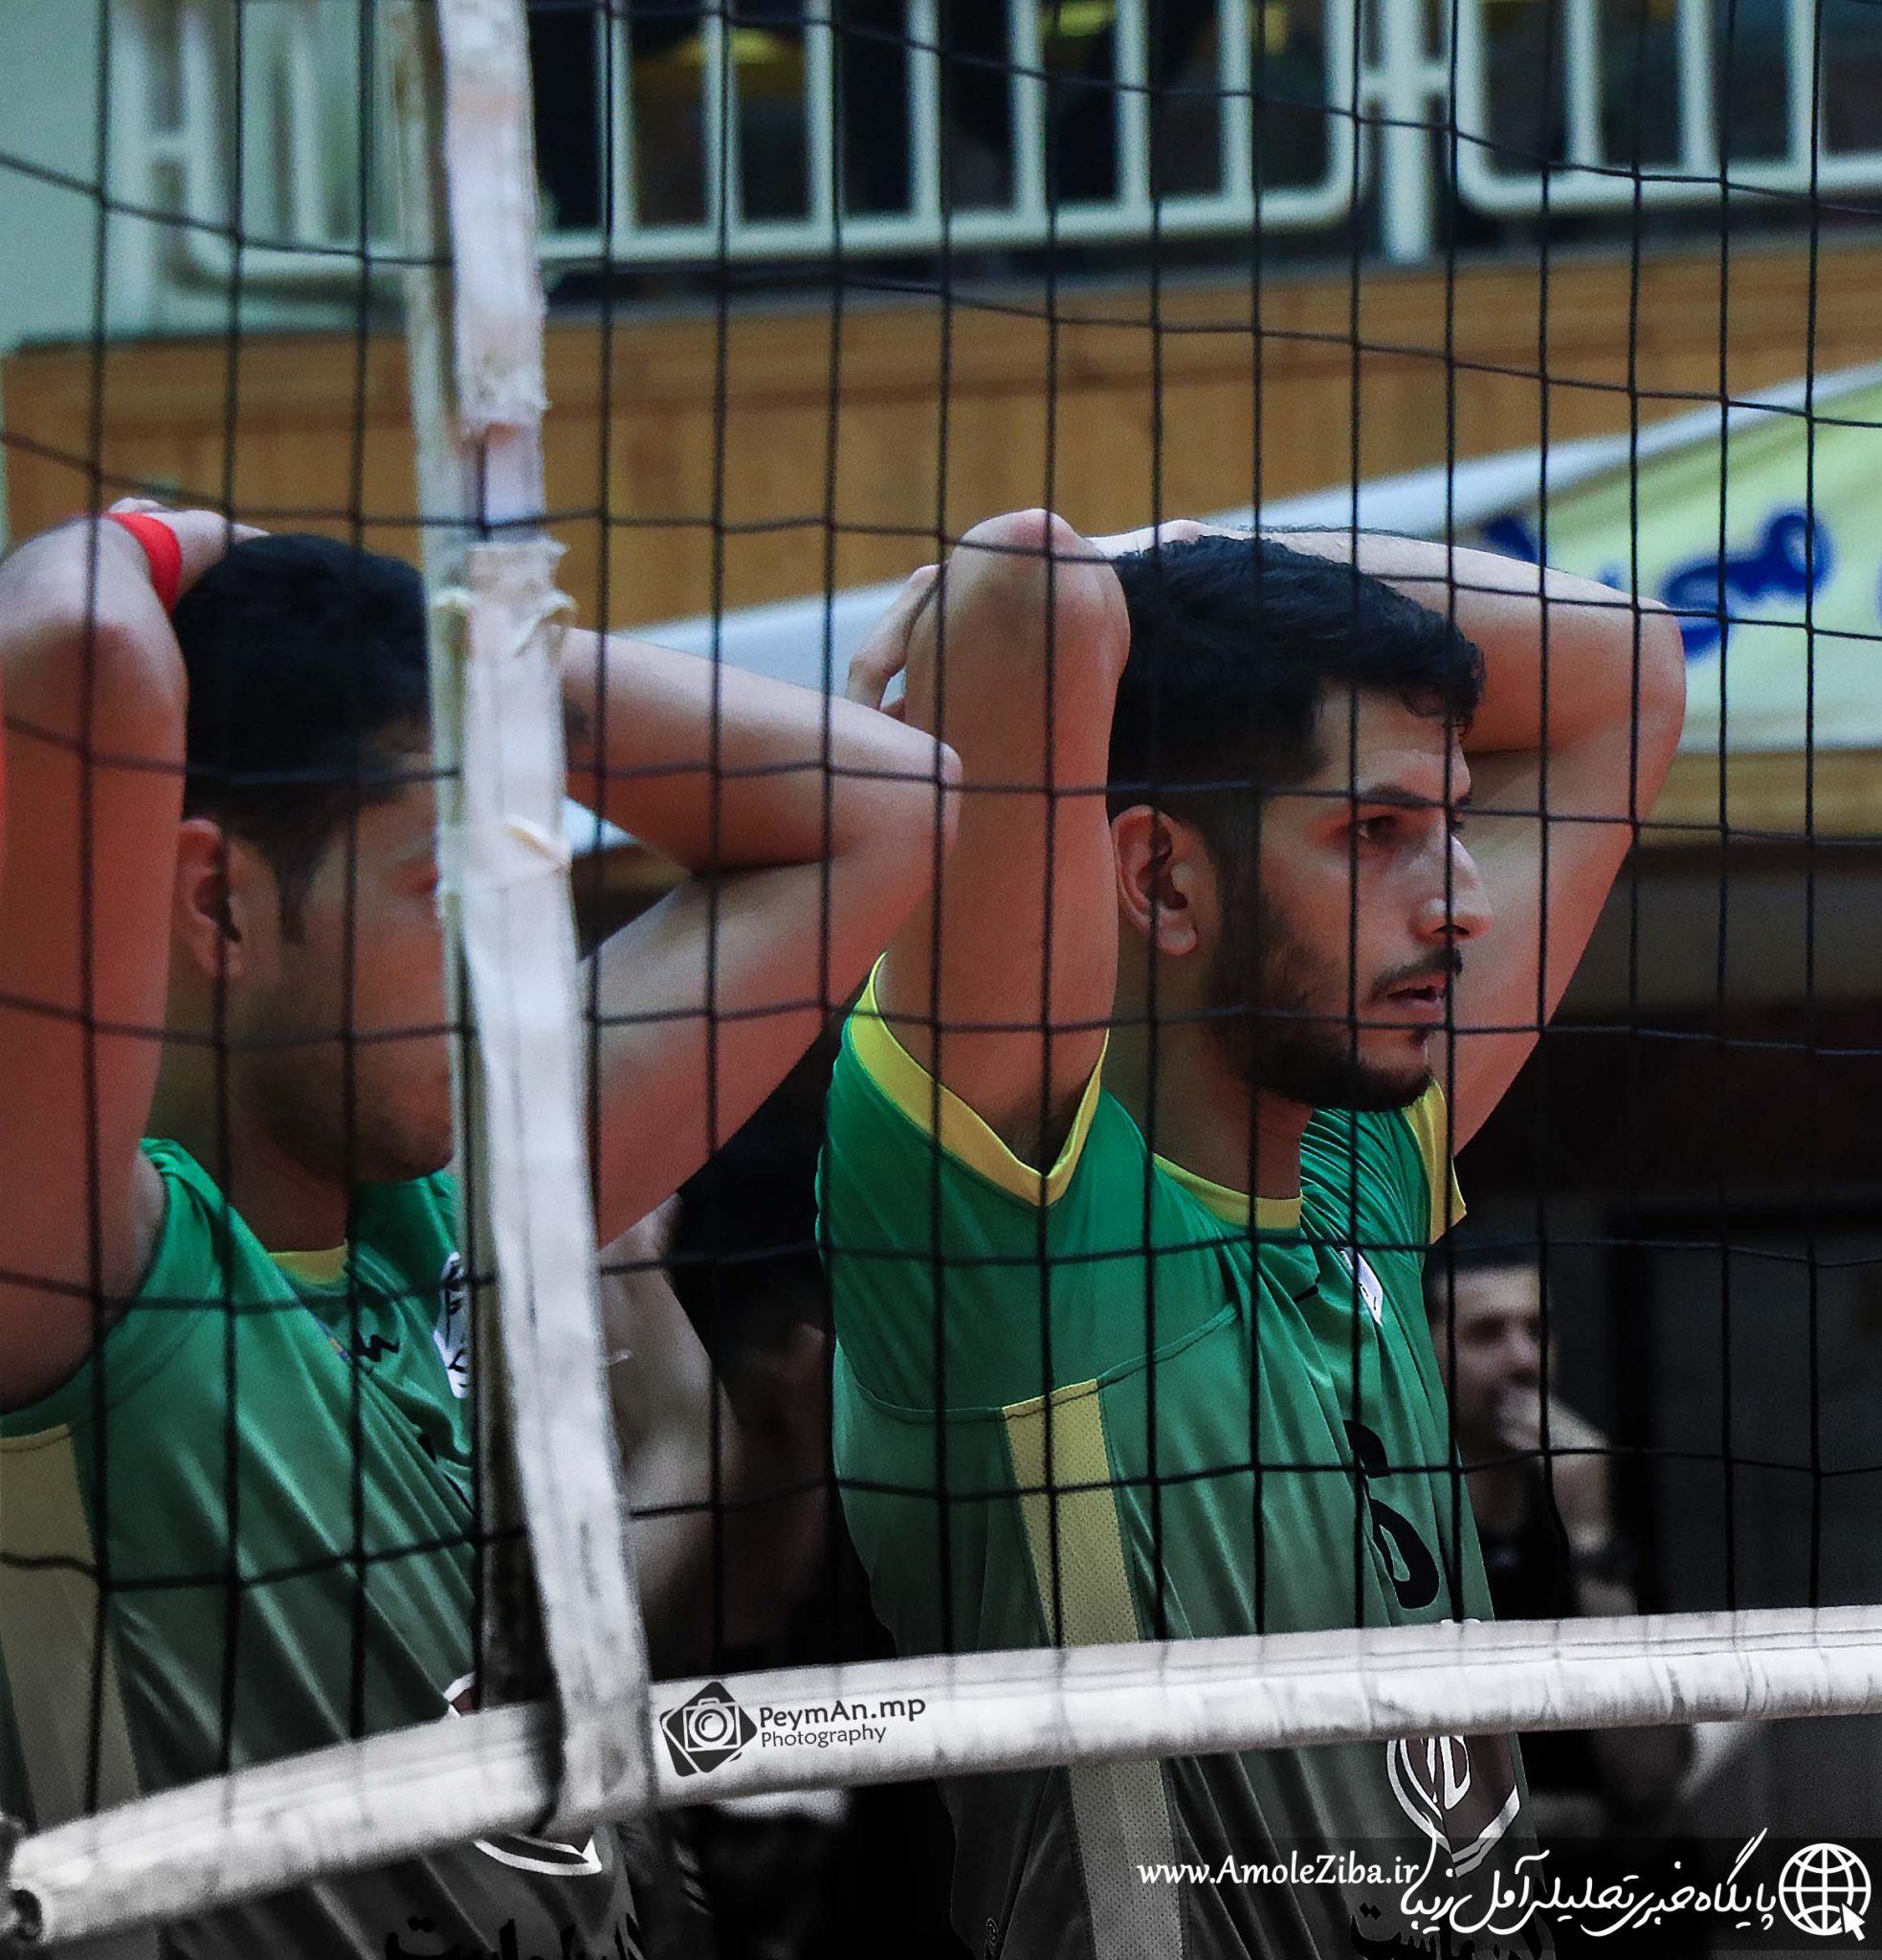 شاگردان جوان عطایی با بی تجربگی خود بازی را واگذار کردند/تبریزی ها شکست ناپذیر ماندند